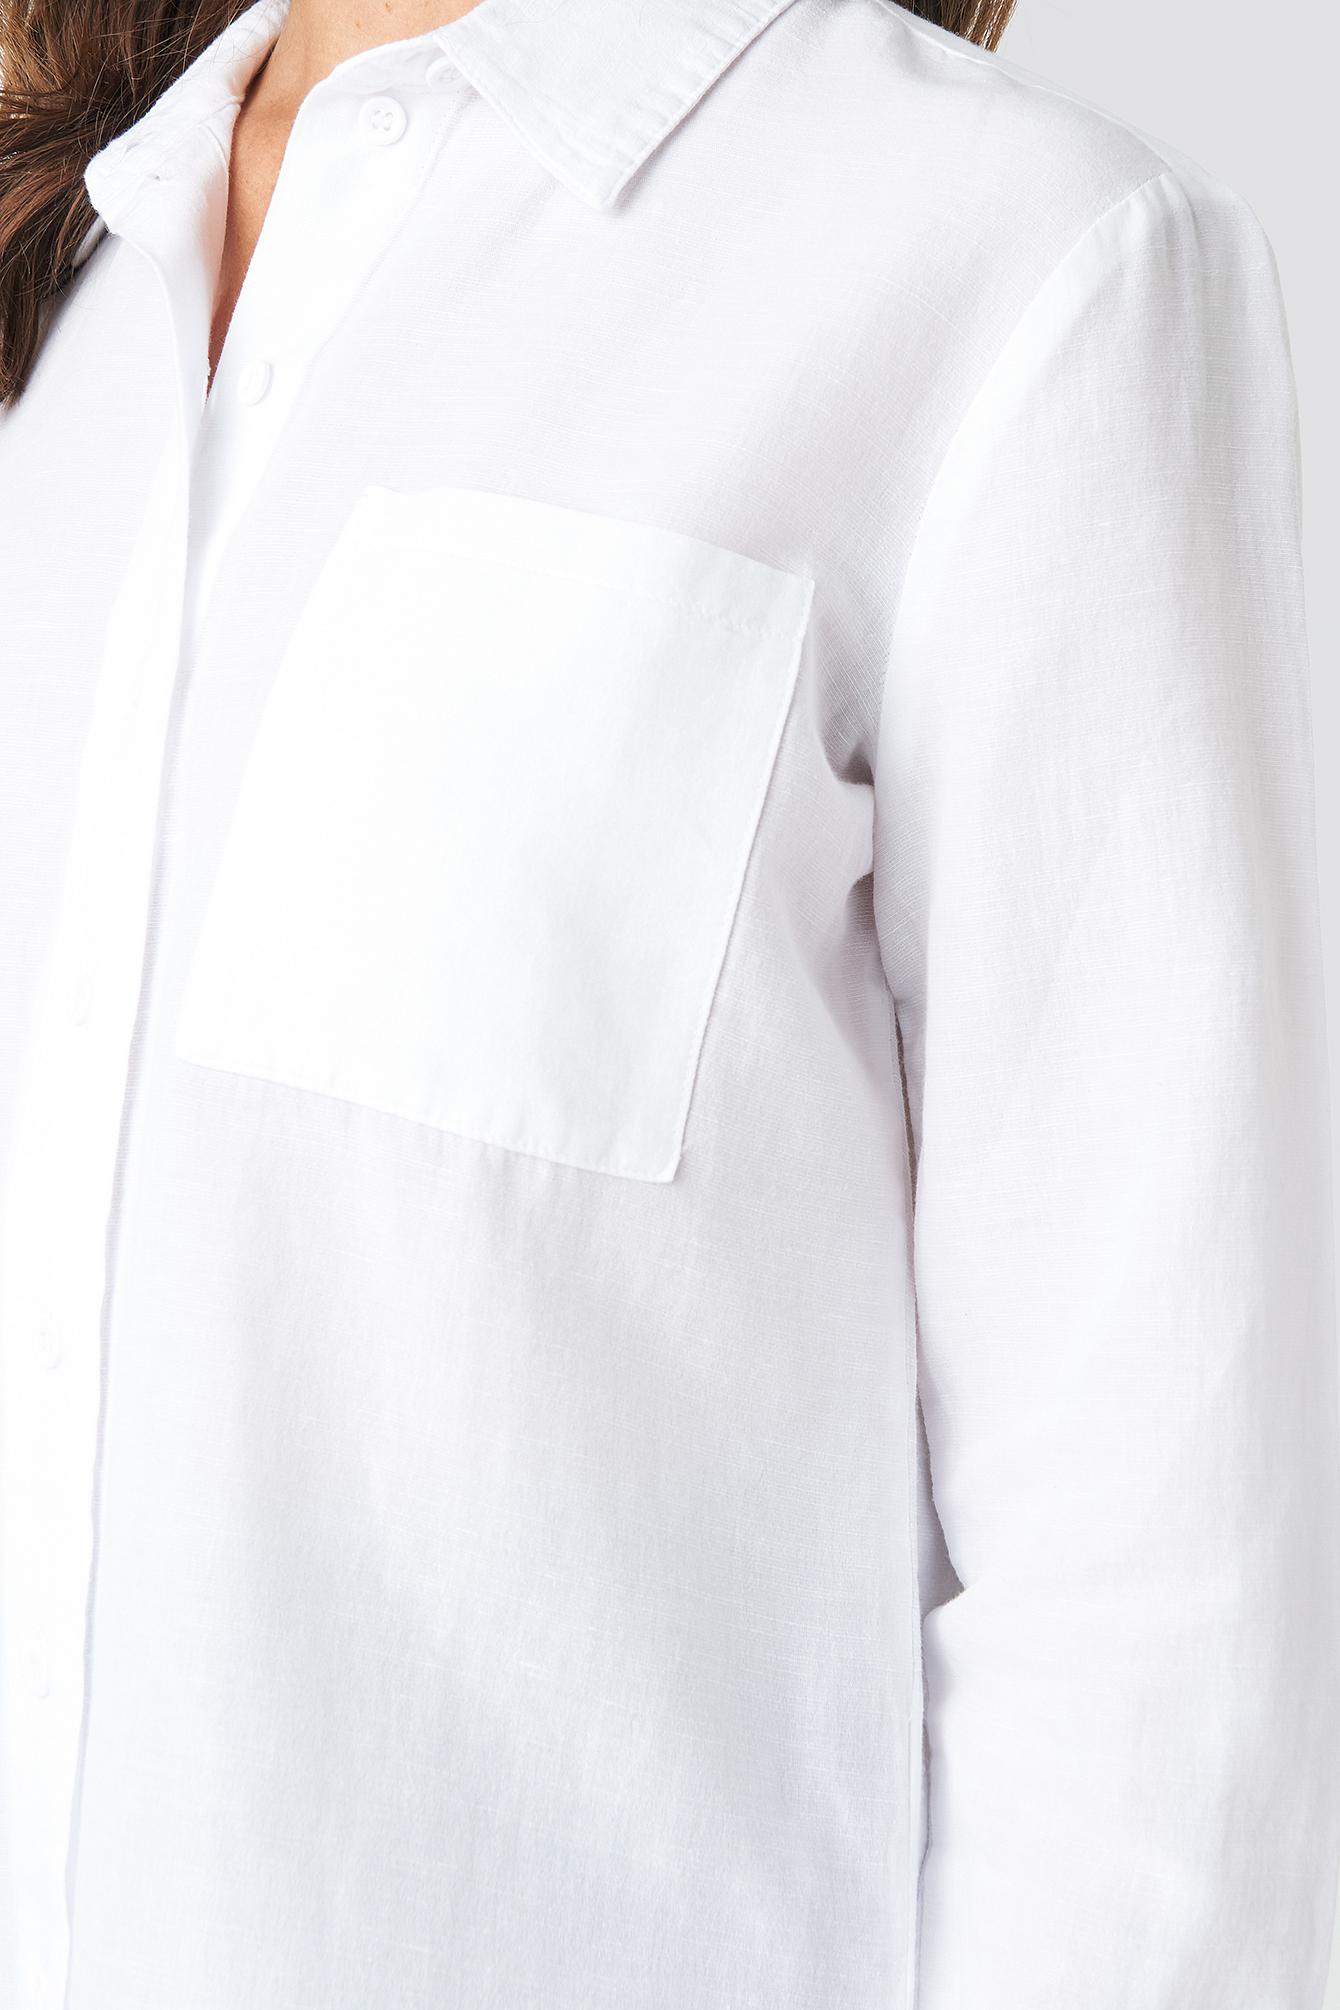 Linen Blend Button Up Shirt NA-KD.COM